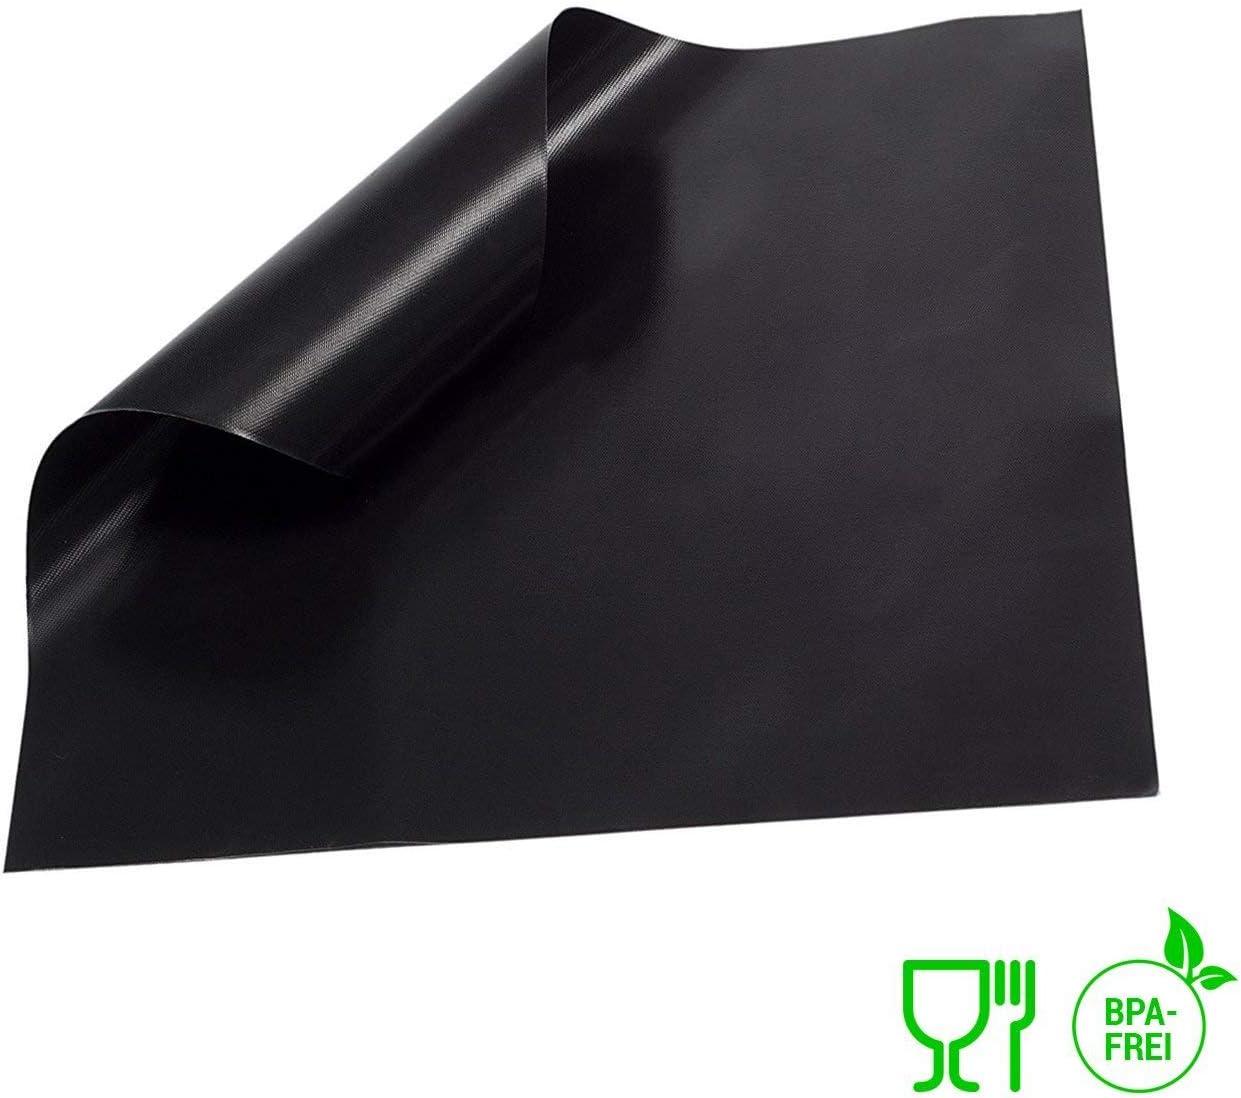 3er Set Backunterlage Teflon antihaftend D/örrfolie Backmatte EXTRA DICK Collory Premium Dauerbackfolie XL Backfolie schwarz Backpapier wiederverwendbar 50x40cm gro/ß Lebensmittelecht BPA-Frei